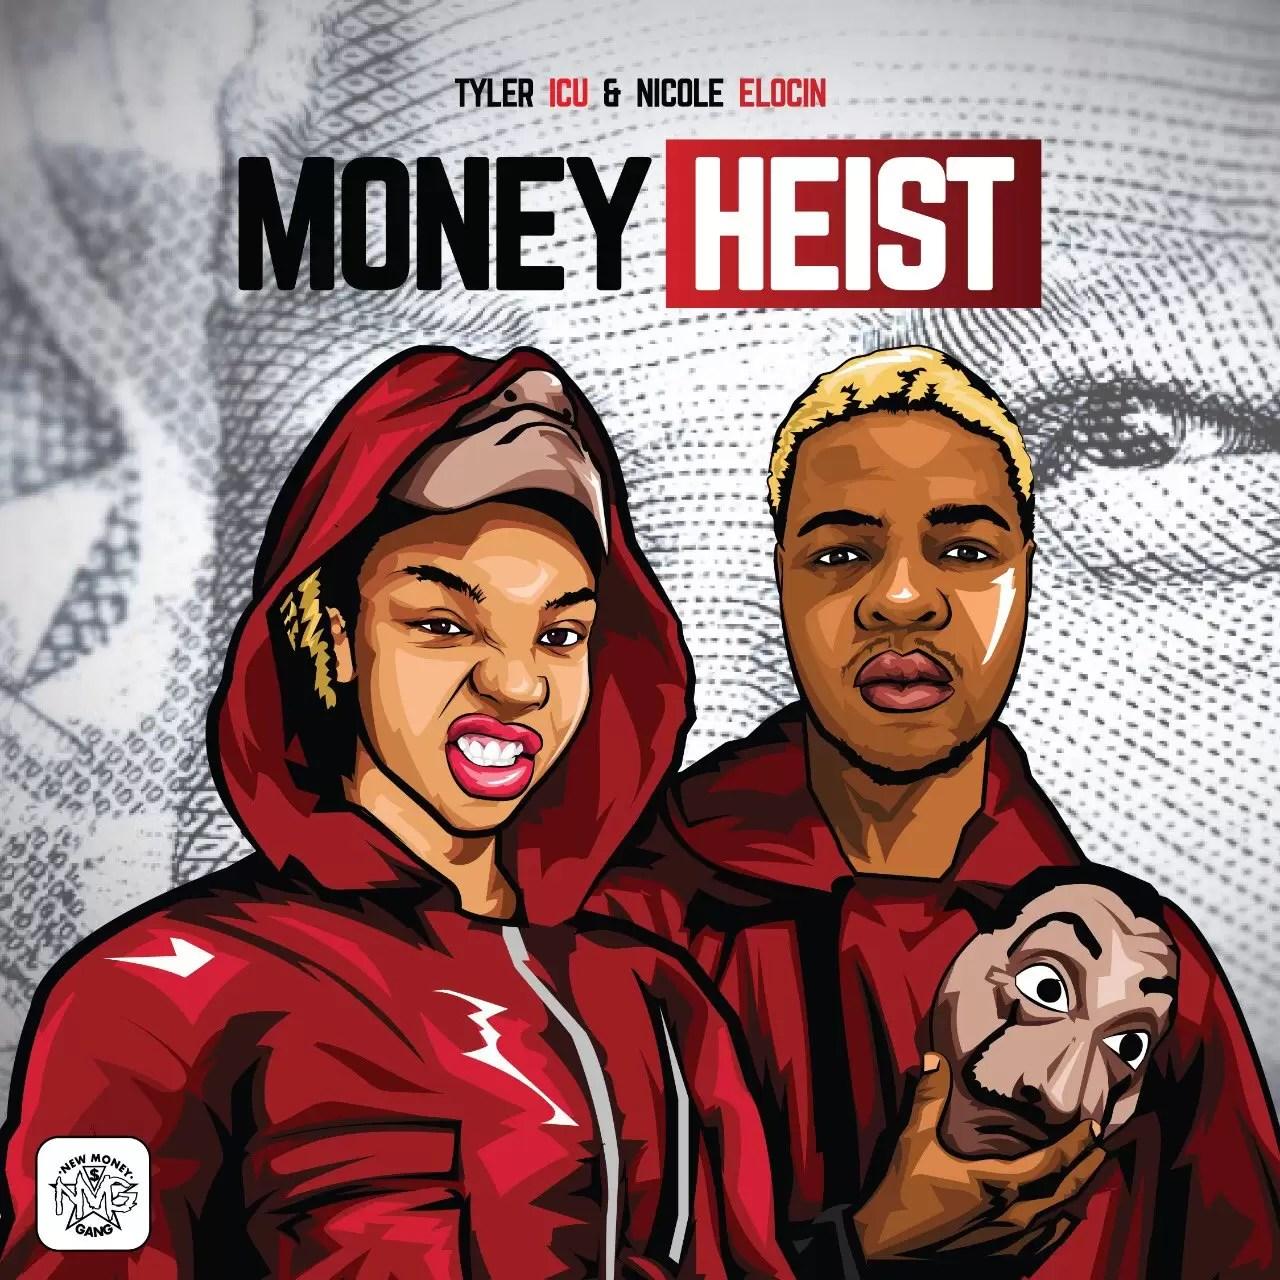 Tyler ICU & Nicole Elocin - Money Heist EP Download